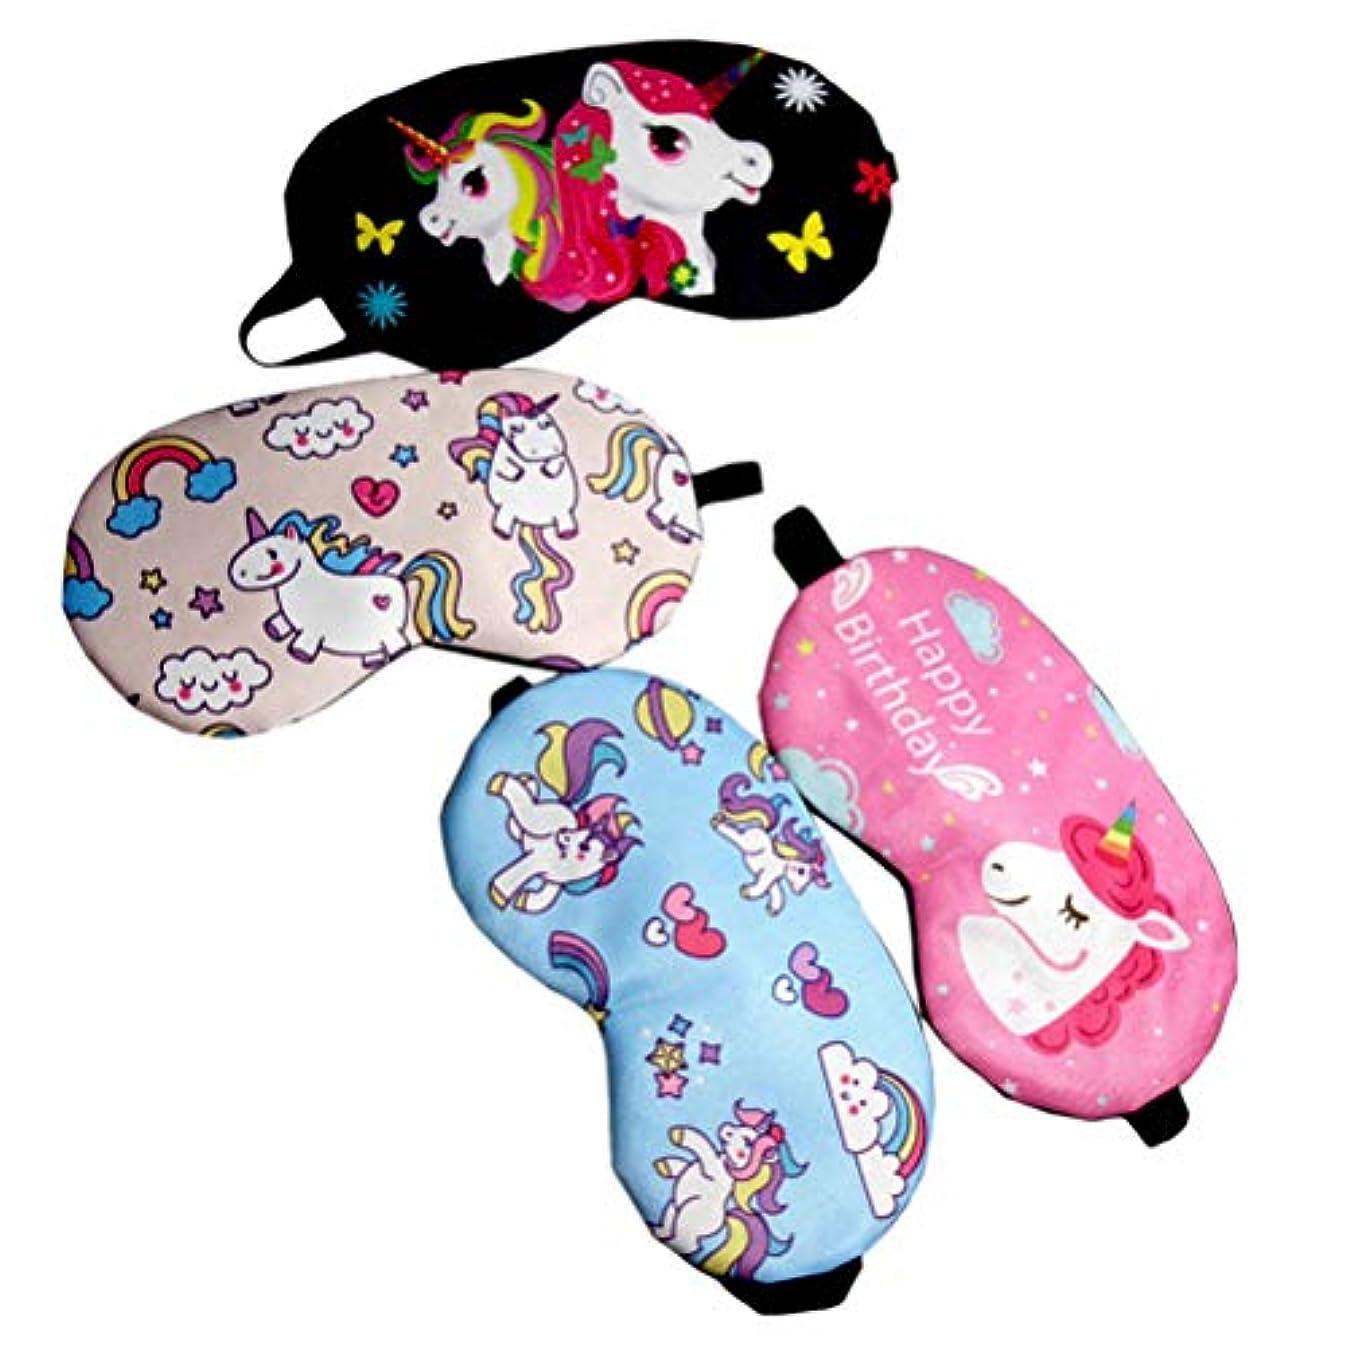 委託数学校子供のためのBeaupretty 4PCSユニコーン睡眠マスクカバー軽量目隠しソフトアイマスク(ブラック+ローズレッド+ライトピンク+ライトブルー)